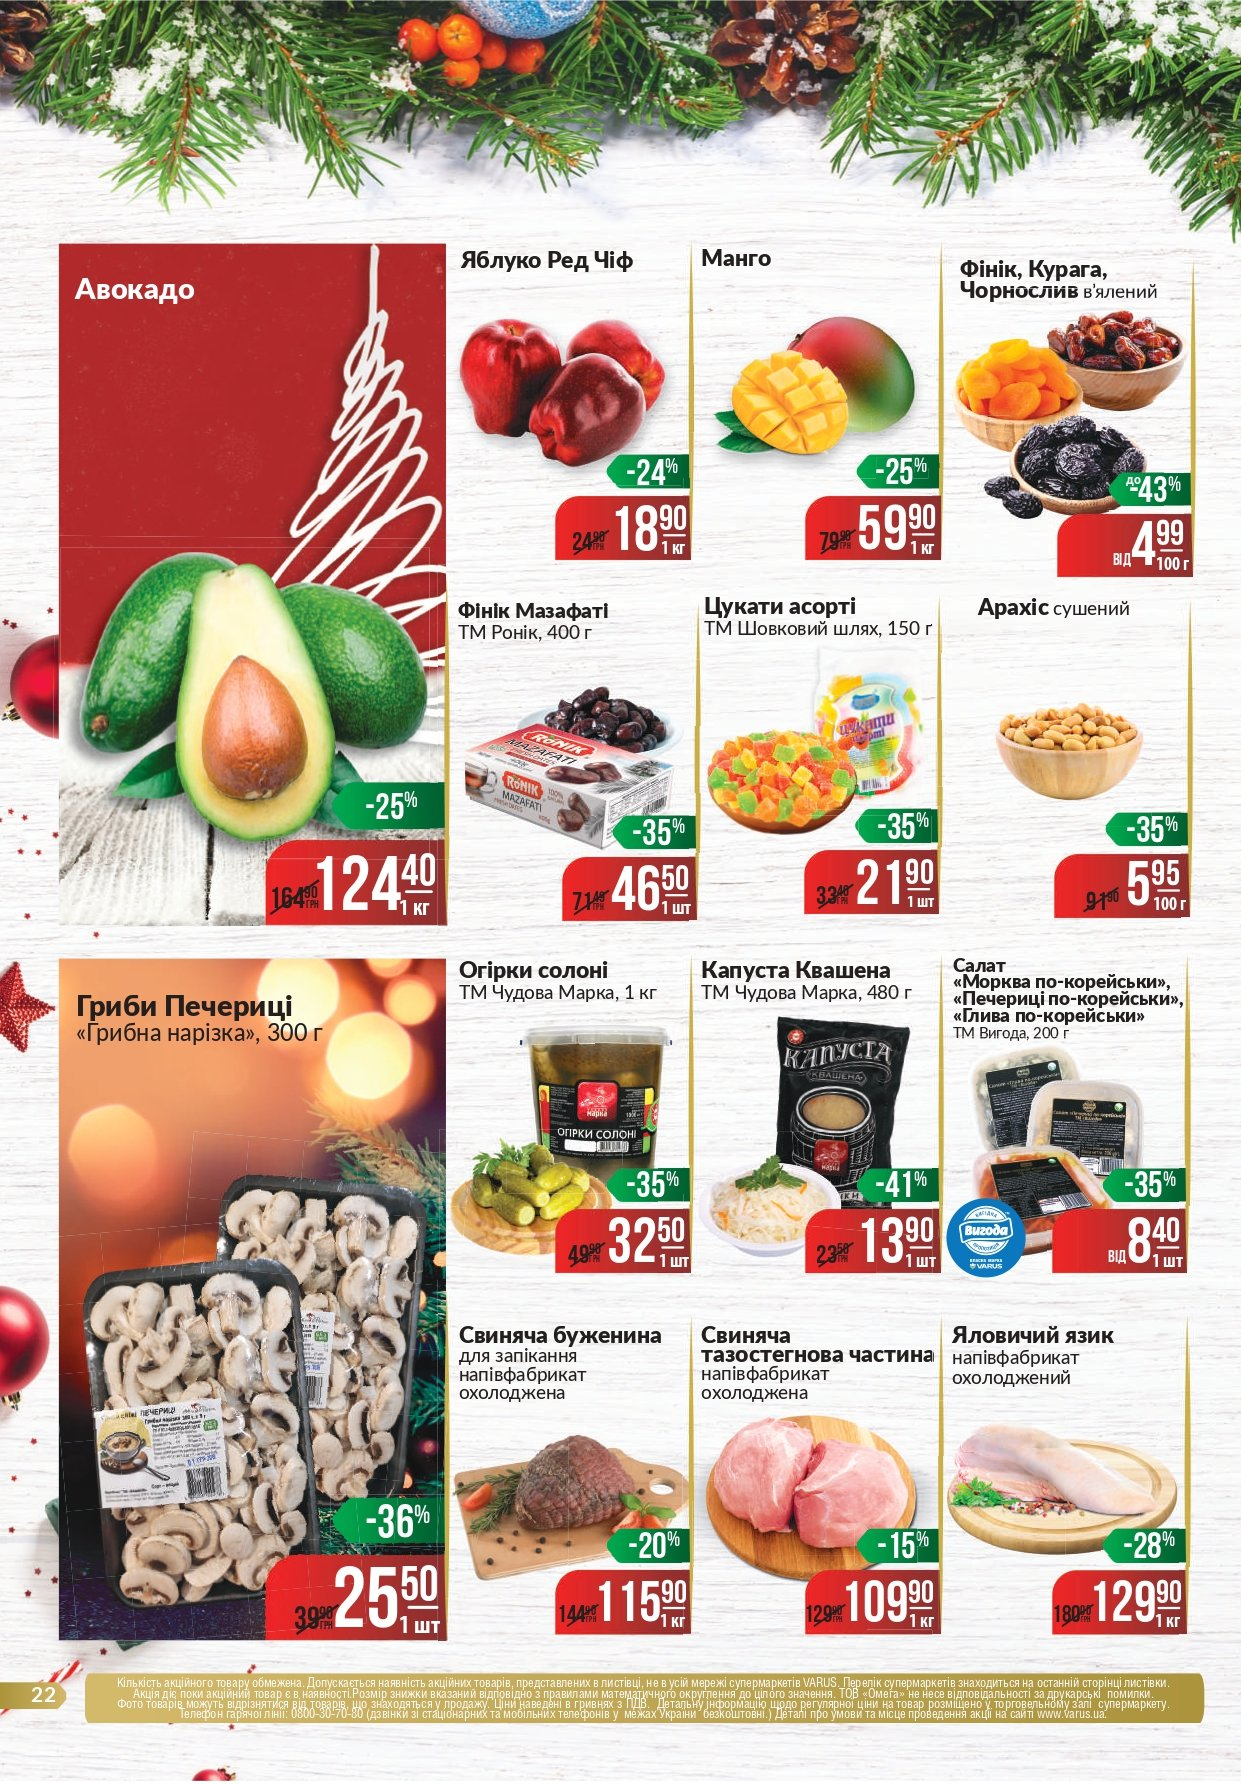 Делаем покупки к Новому Году: какие акции действуют в супермаркетах Днепра, - ЦЕНЫ, фото-50